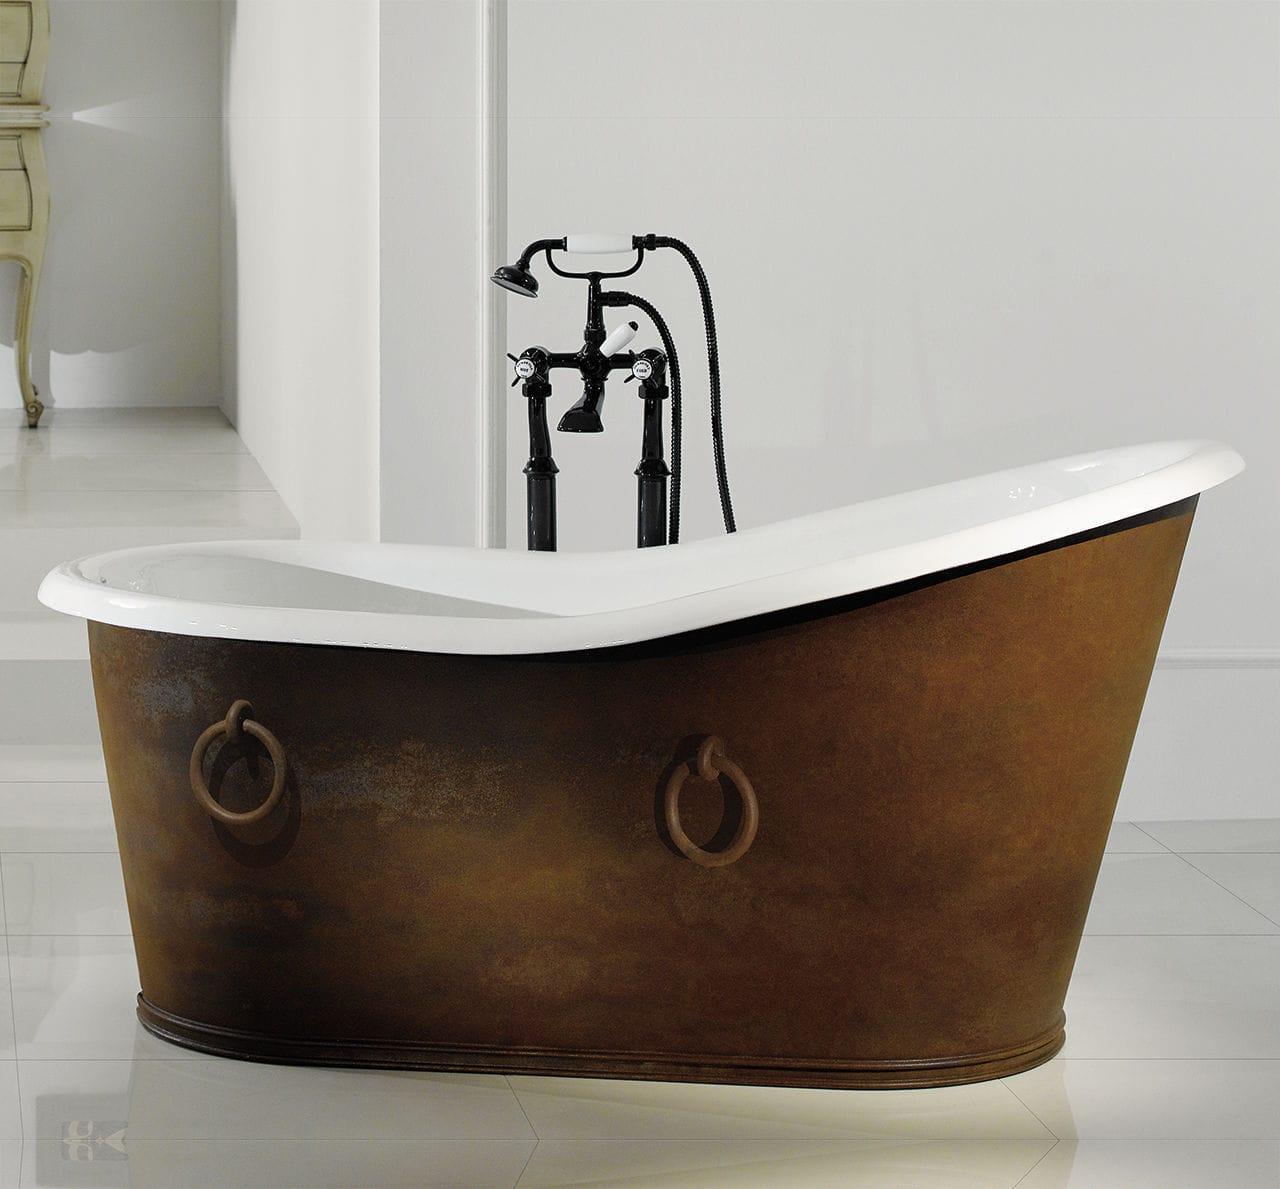 freistehende badewanne / oval / aus gusseisen / aus kupfer, Hause ideen